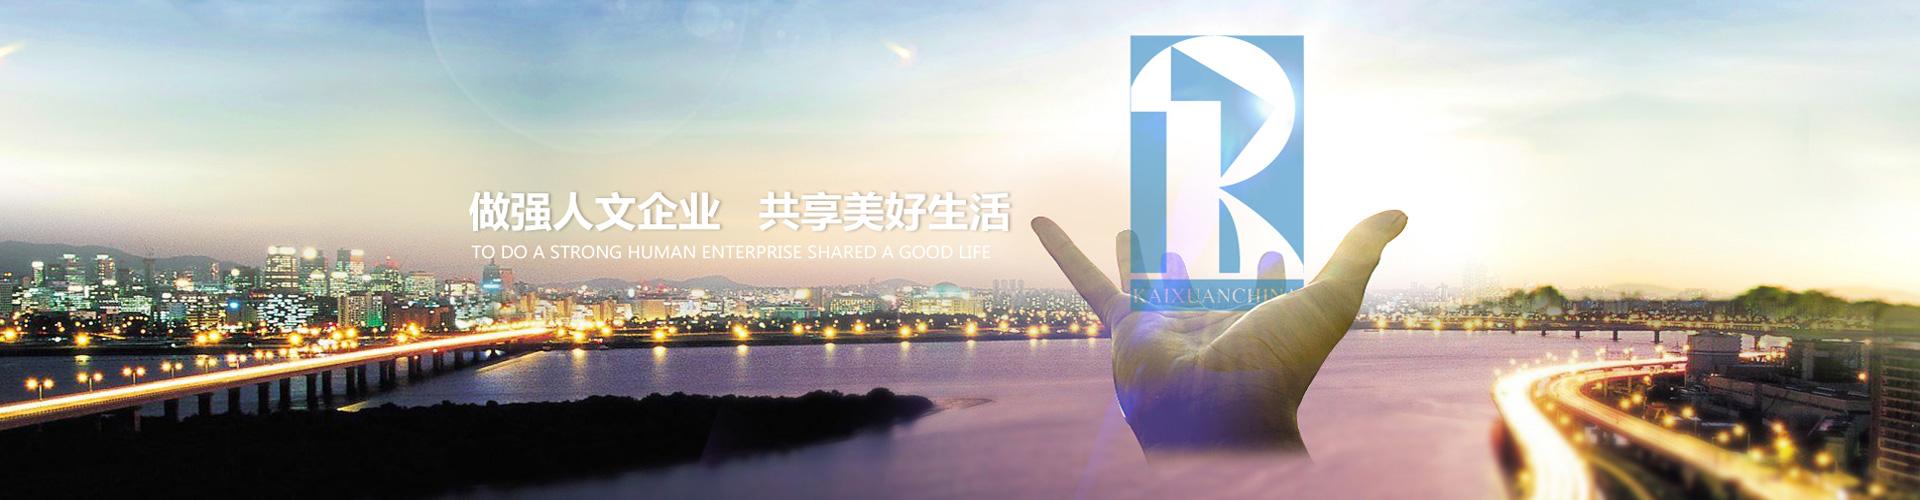 安徽凯旋智能停车设备有限公司-banner